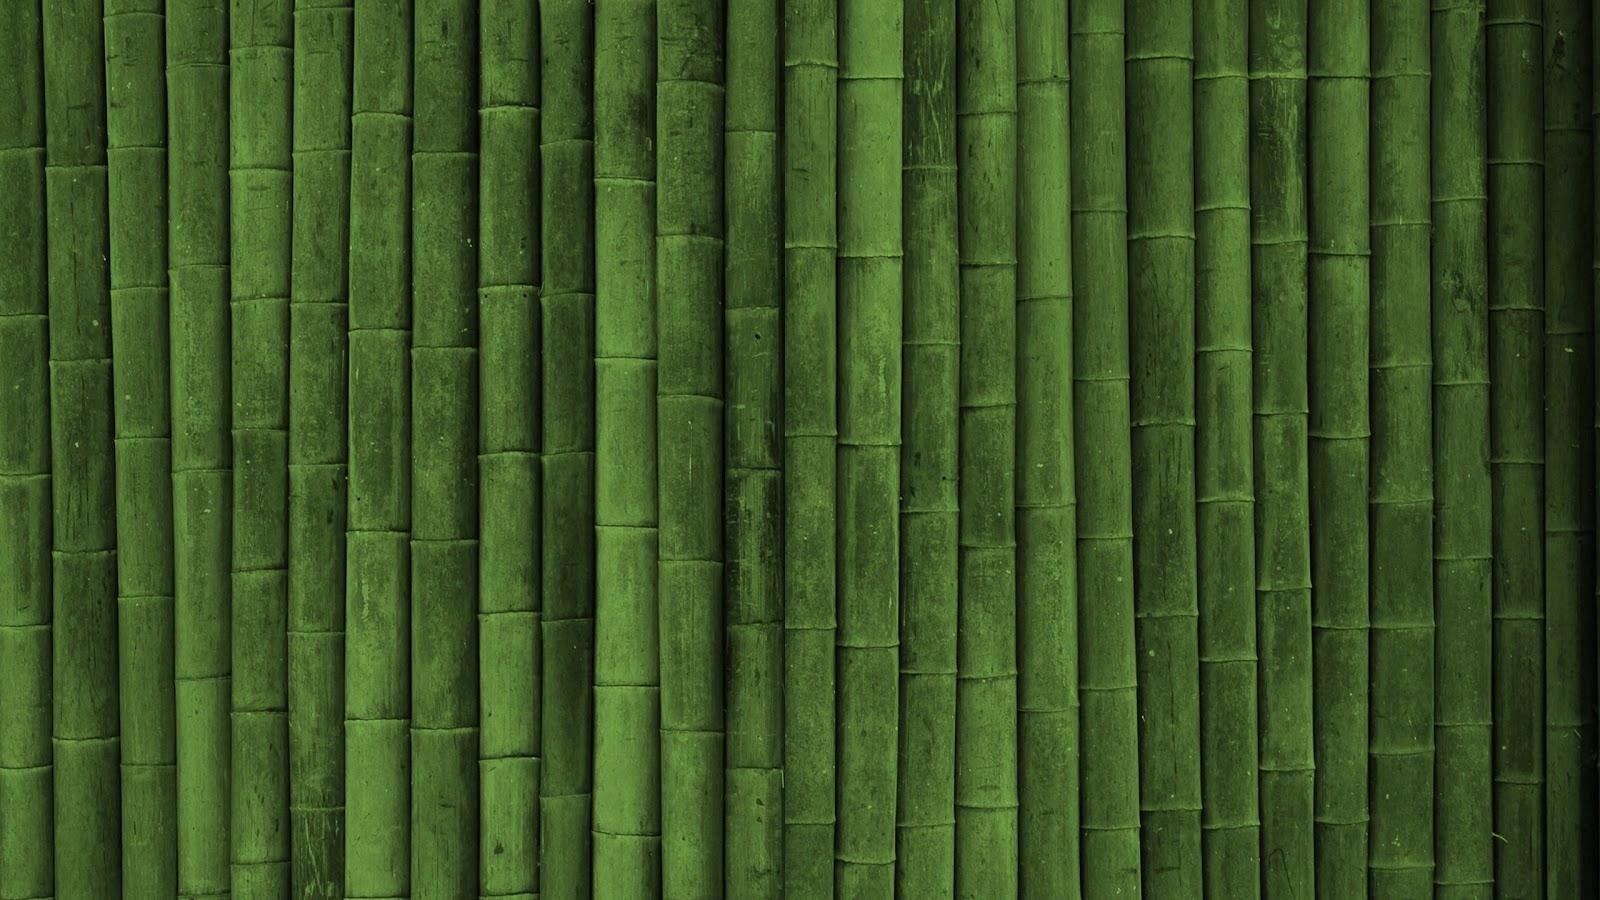 http://3.bp.blogspot.com/_Gq1jO6iuU2U/TSfdakwcD4I/AAAAAAAAHWA/b1BcRTyNAuQ/s1600/green+bamboo+wall+hd+wallpaper+-2560x1440.jpg